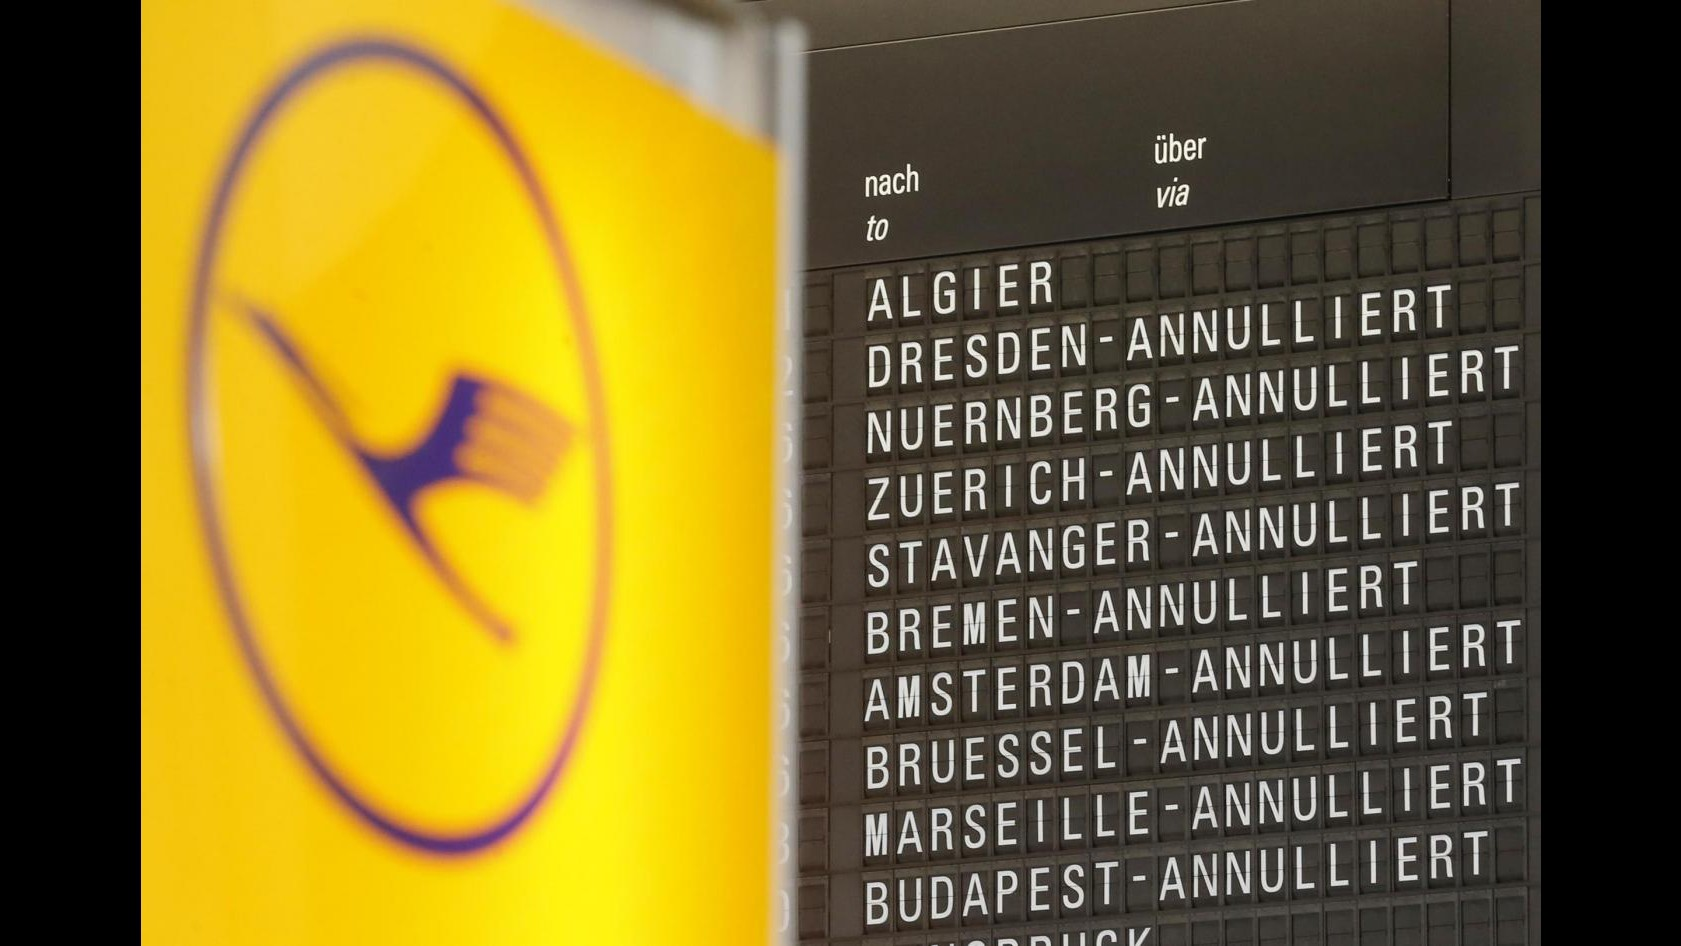 Lufthansa, domani sciopero 15 ore voli a lungo raggio da Francoforte